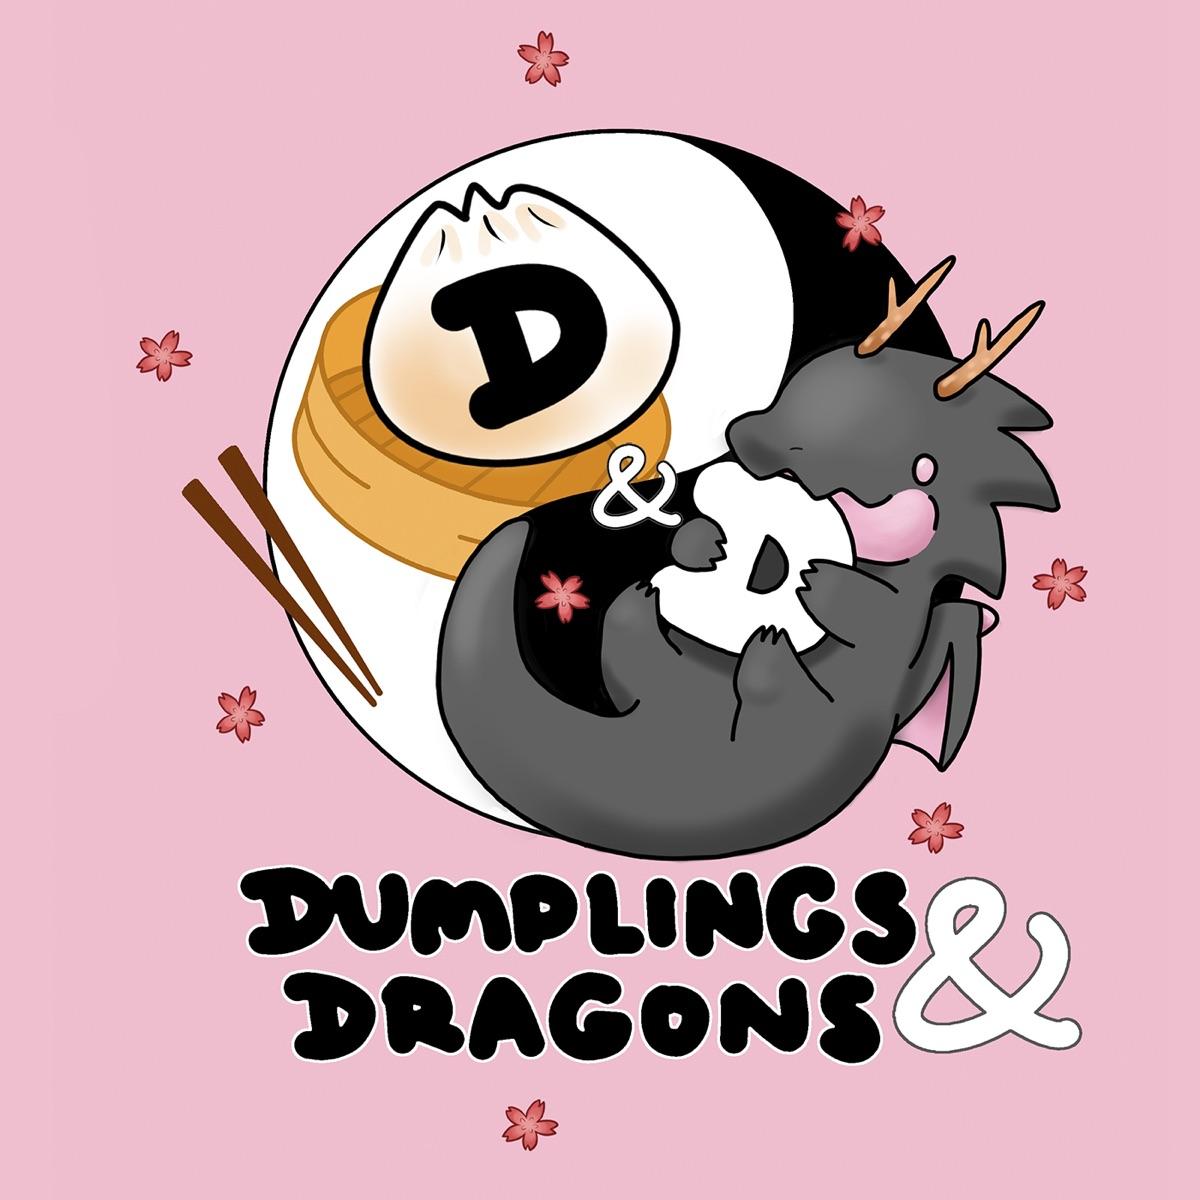 Dumplings & Dragons